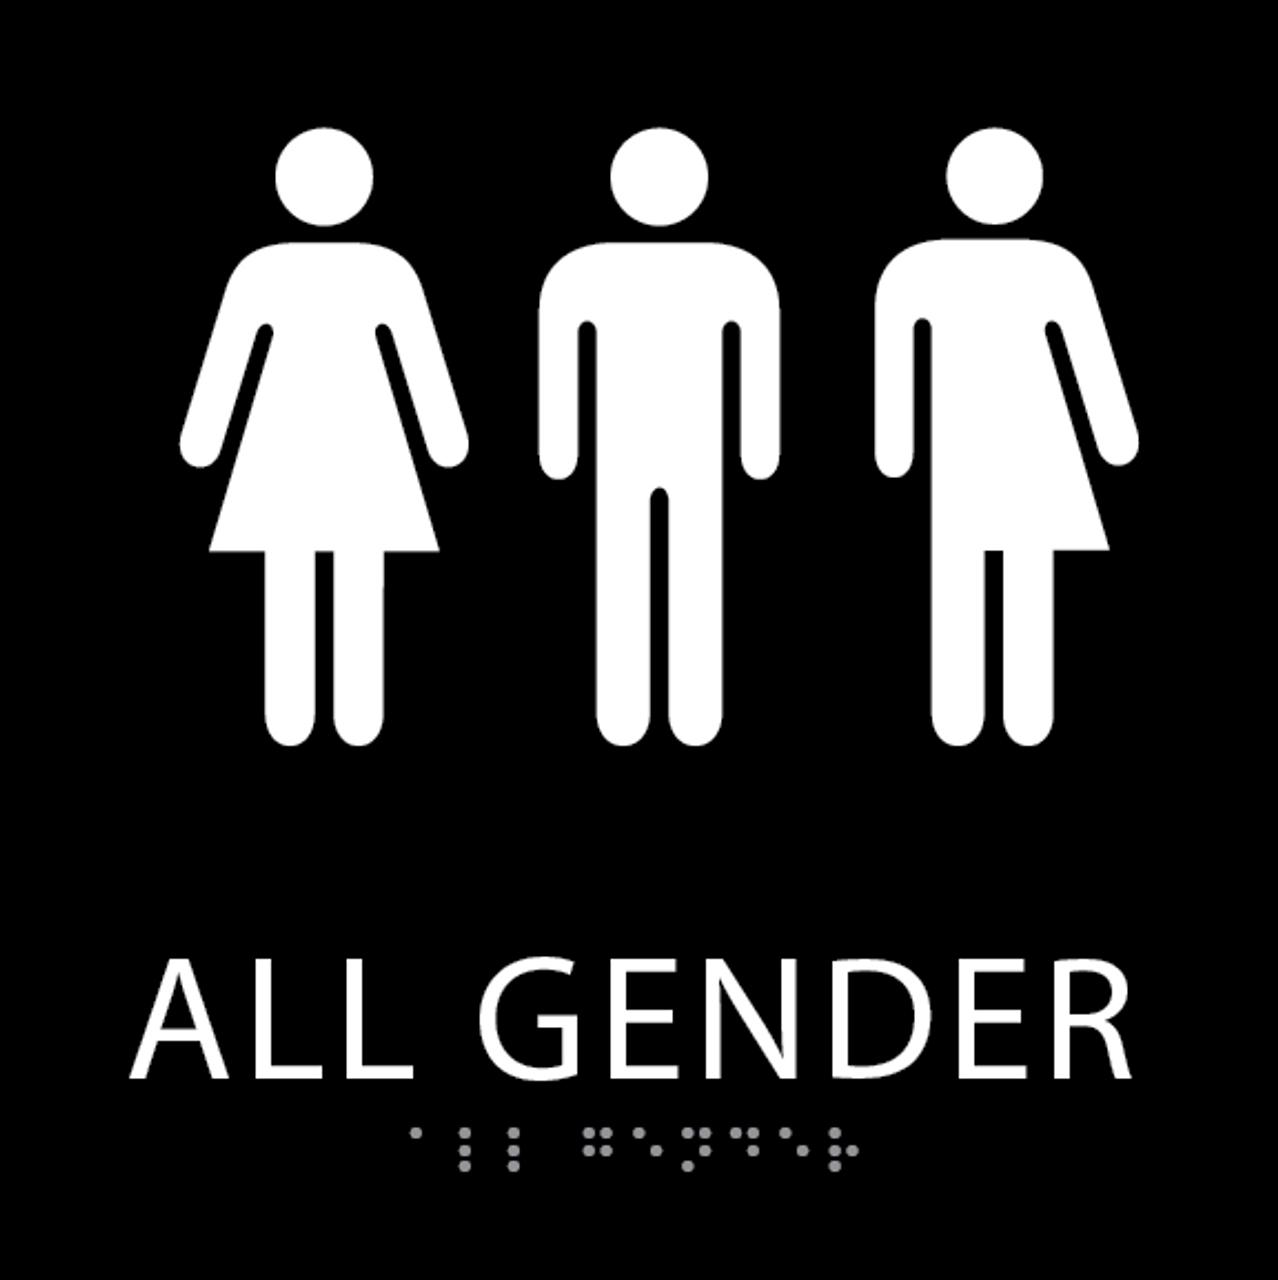 Black All Gender Restroom Sign